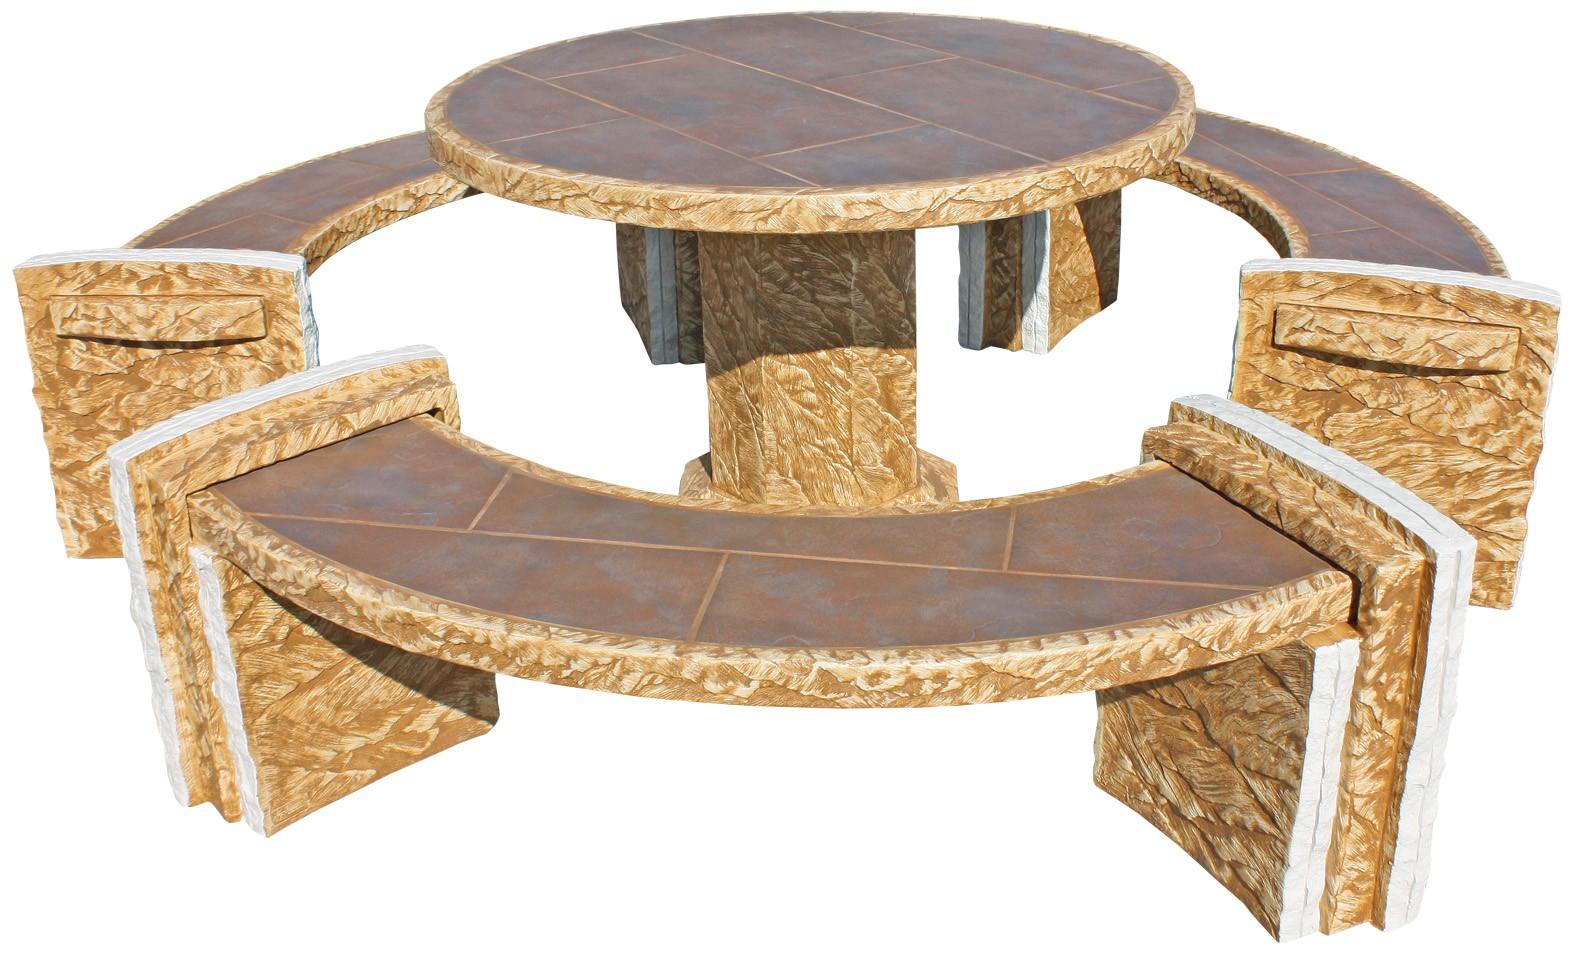 Mesa de jardin redonda arsen con azulejos gres ocre - Mesas de jardin de piedra ...